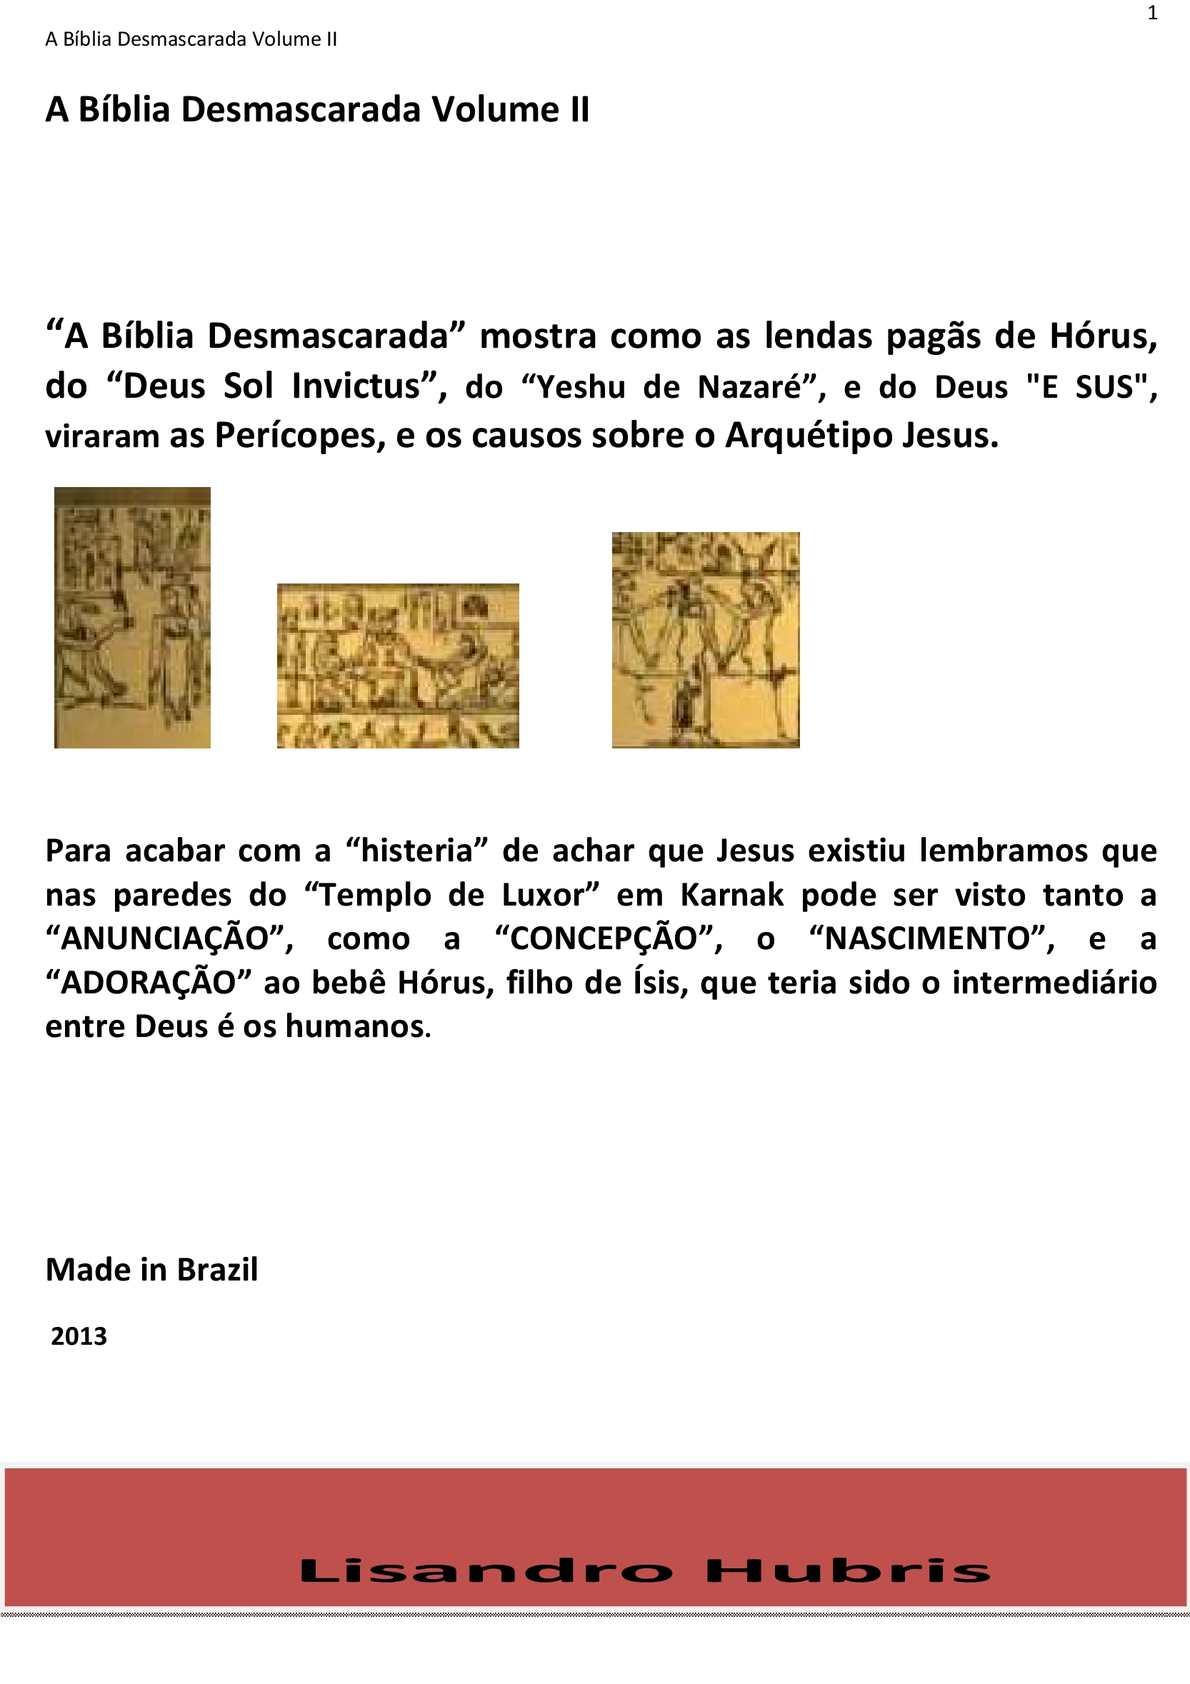 A Bíblia Desmascarada Vol. II